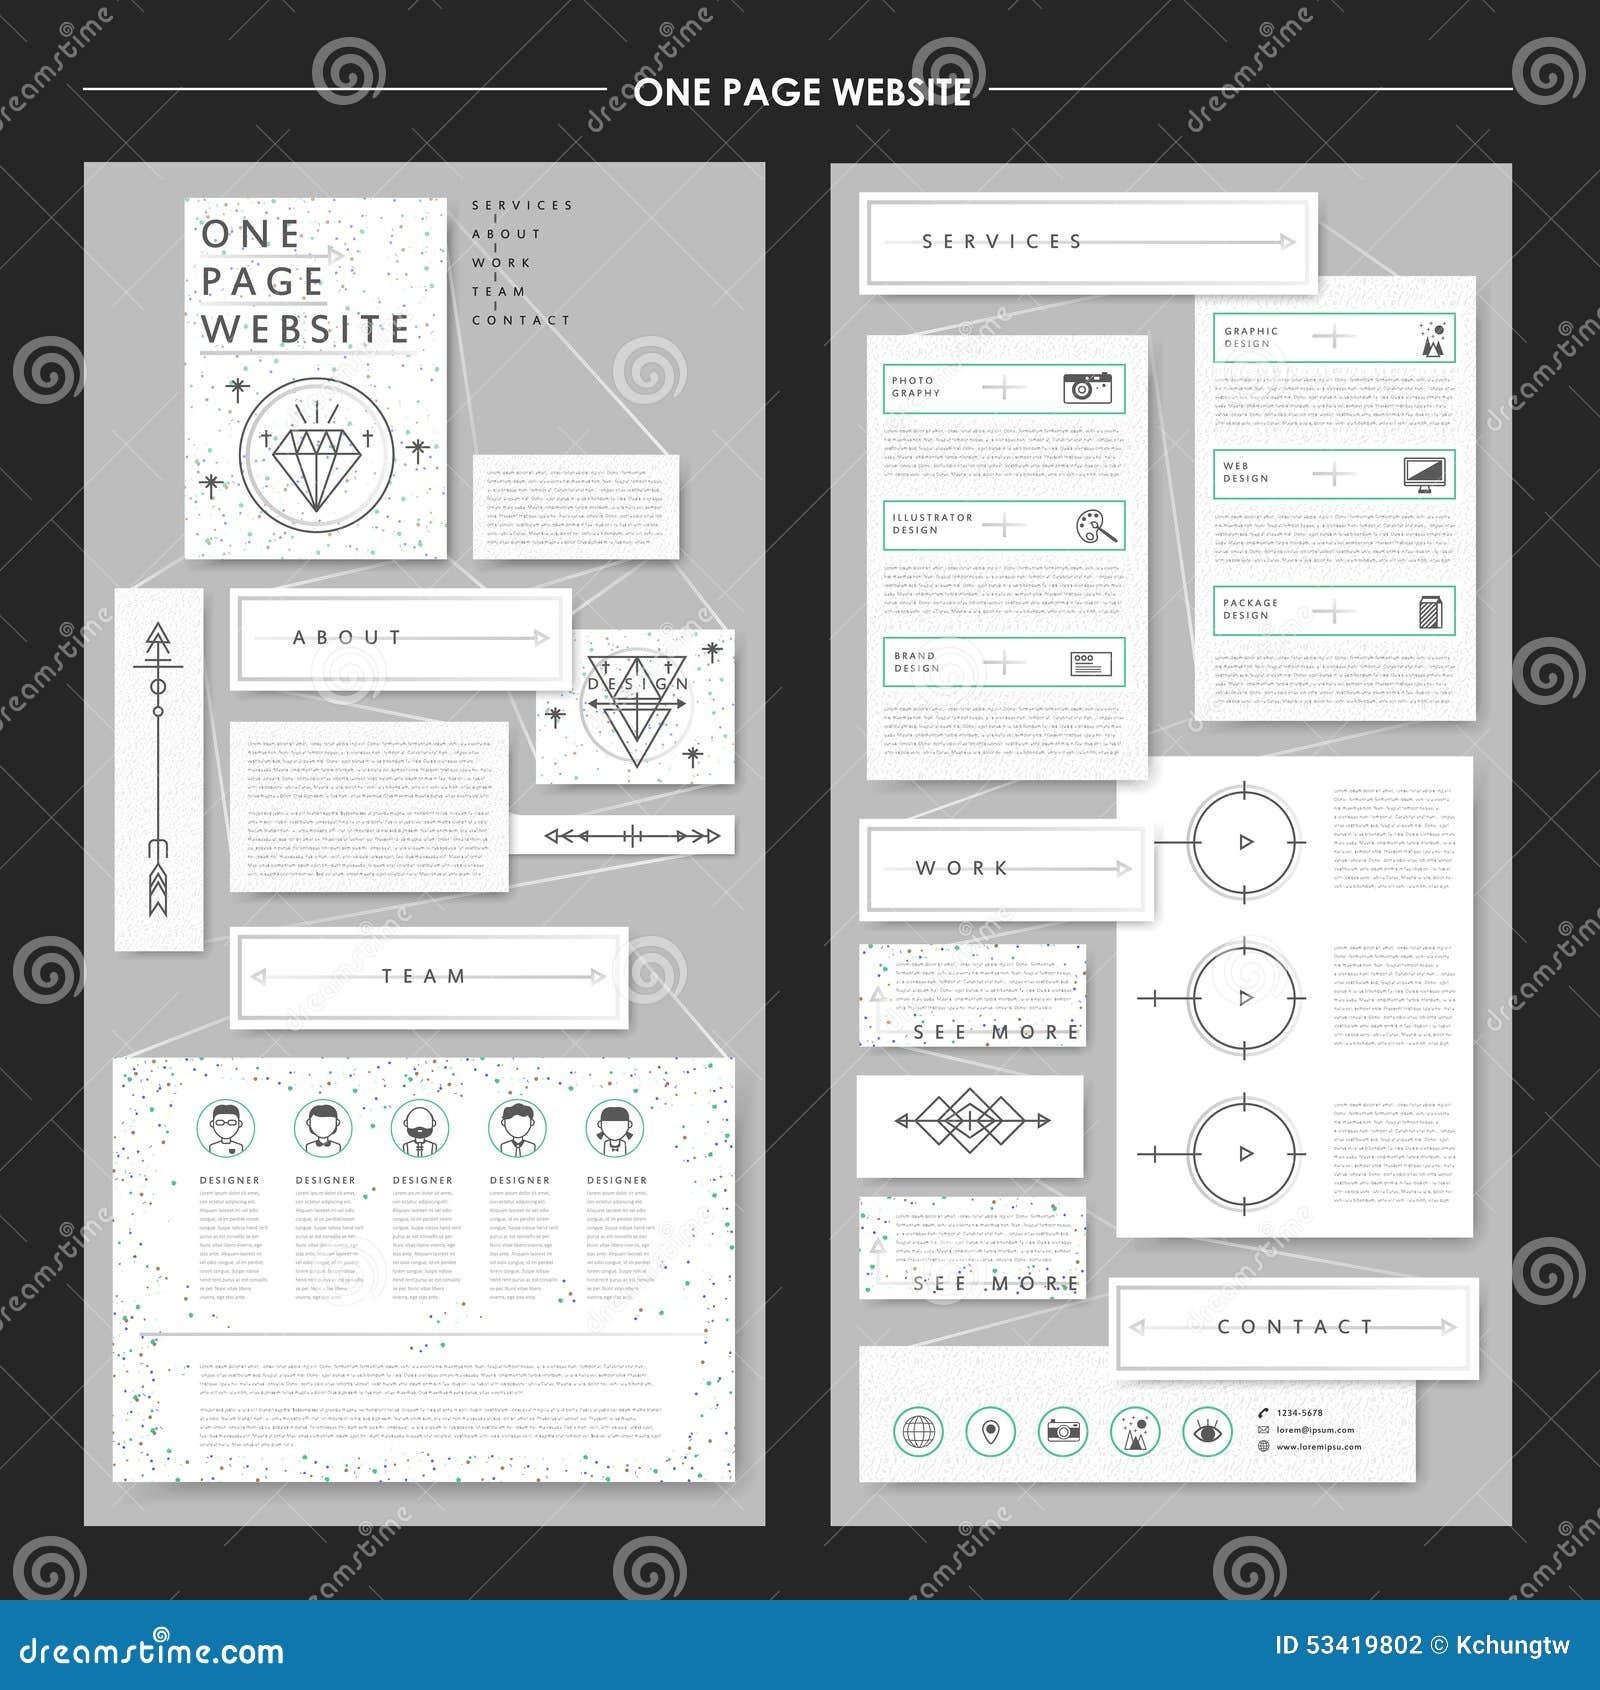 Elegant One Page Website Template Design Stock Illustration ...